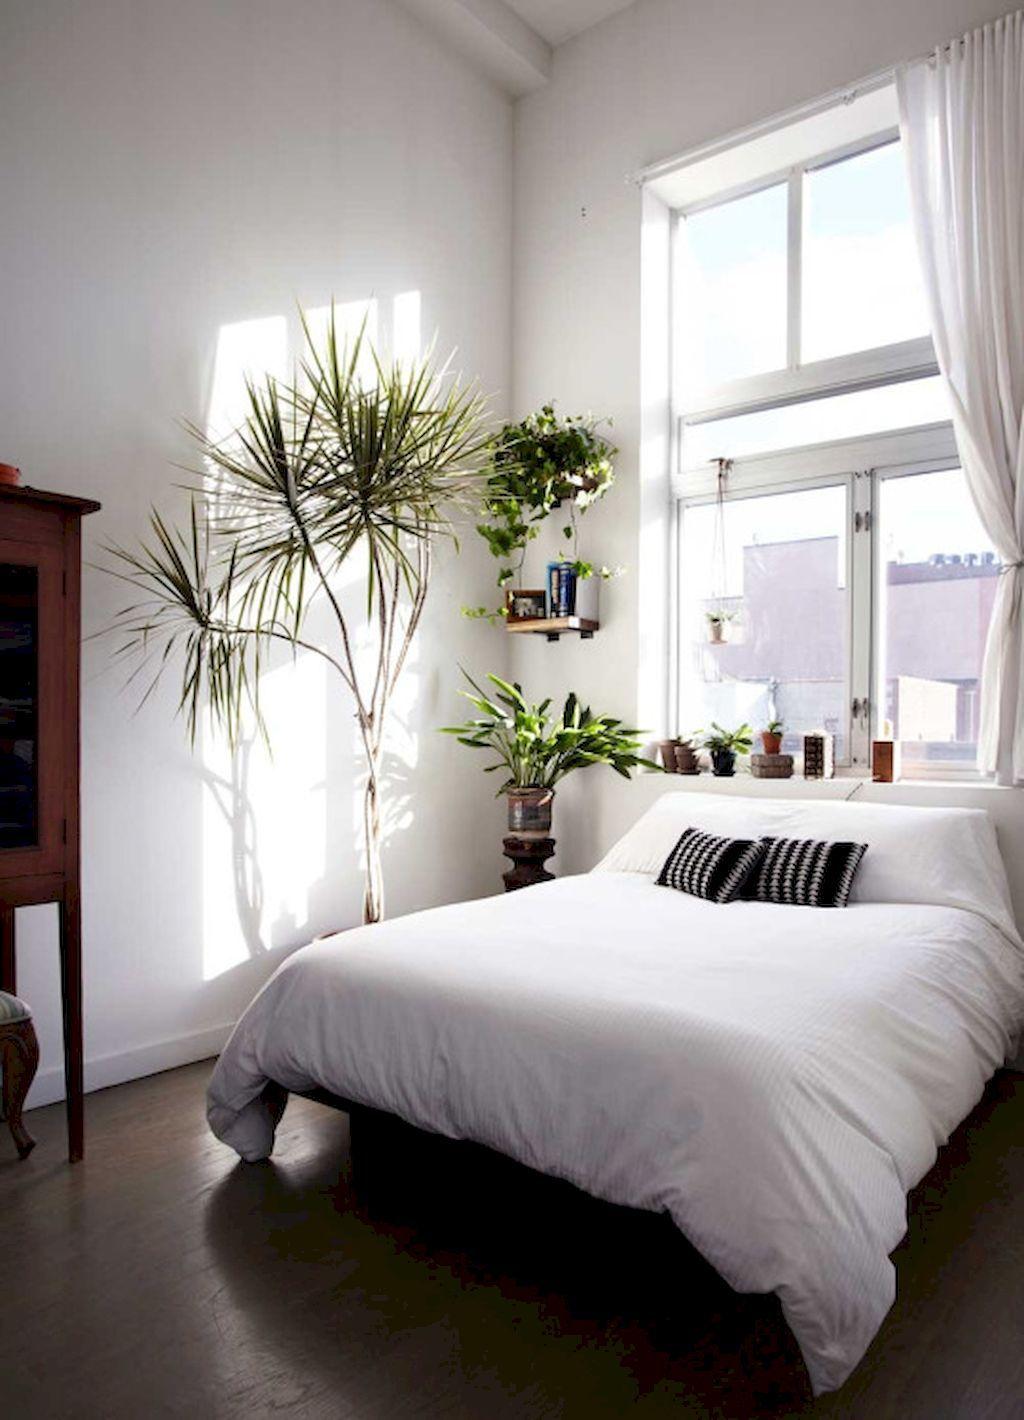 Adorable 40 Cozy Minimalist Bedroom Designs Https://decorecor.com/40 Cozy  Minimalist Bedroom Designs